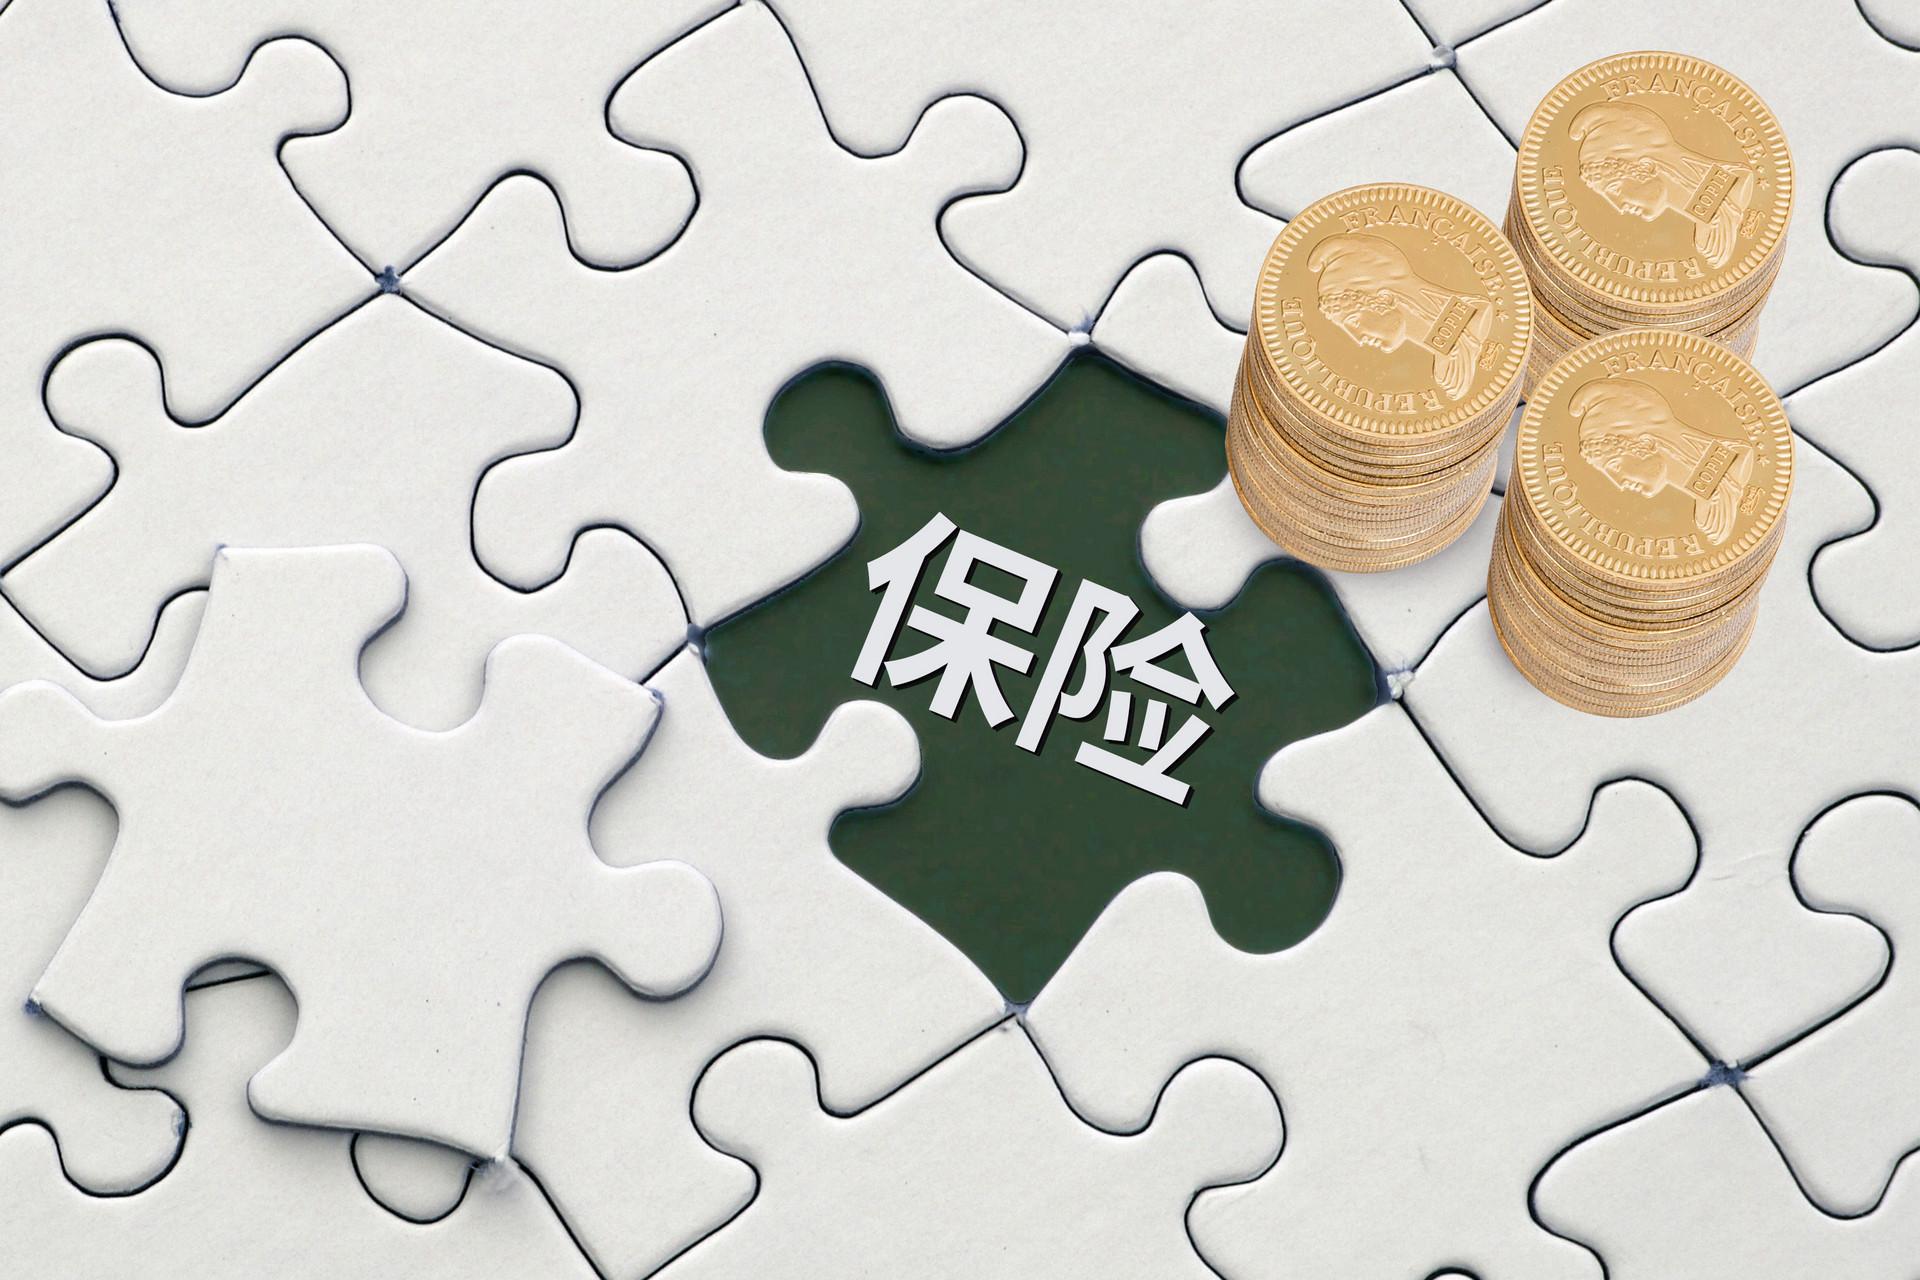 中国人寿及一致行动人增持万达信息至15.0259%